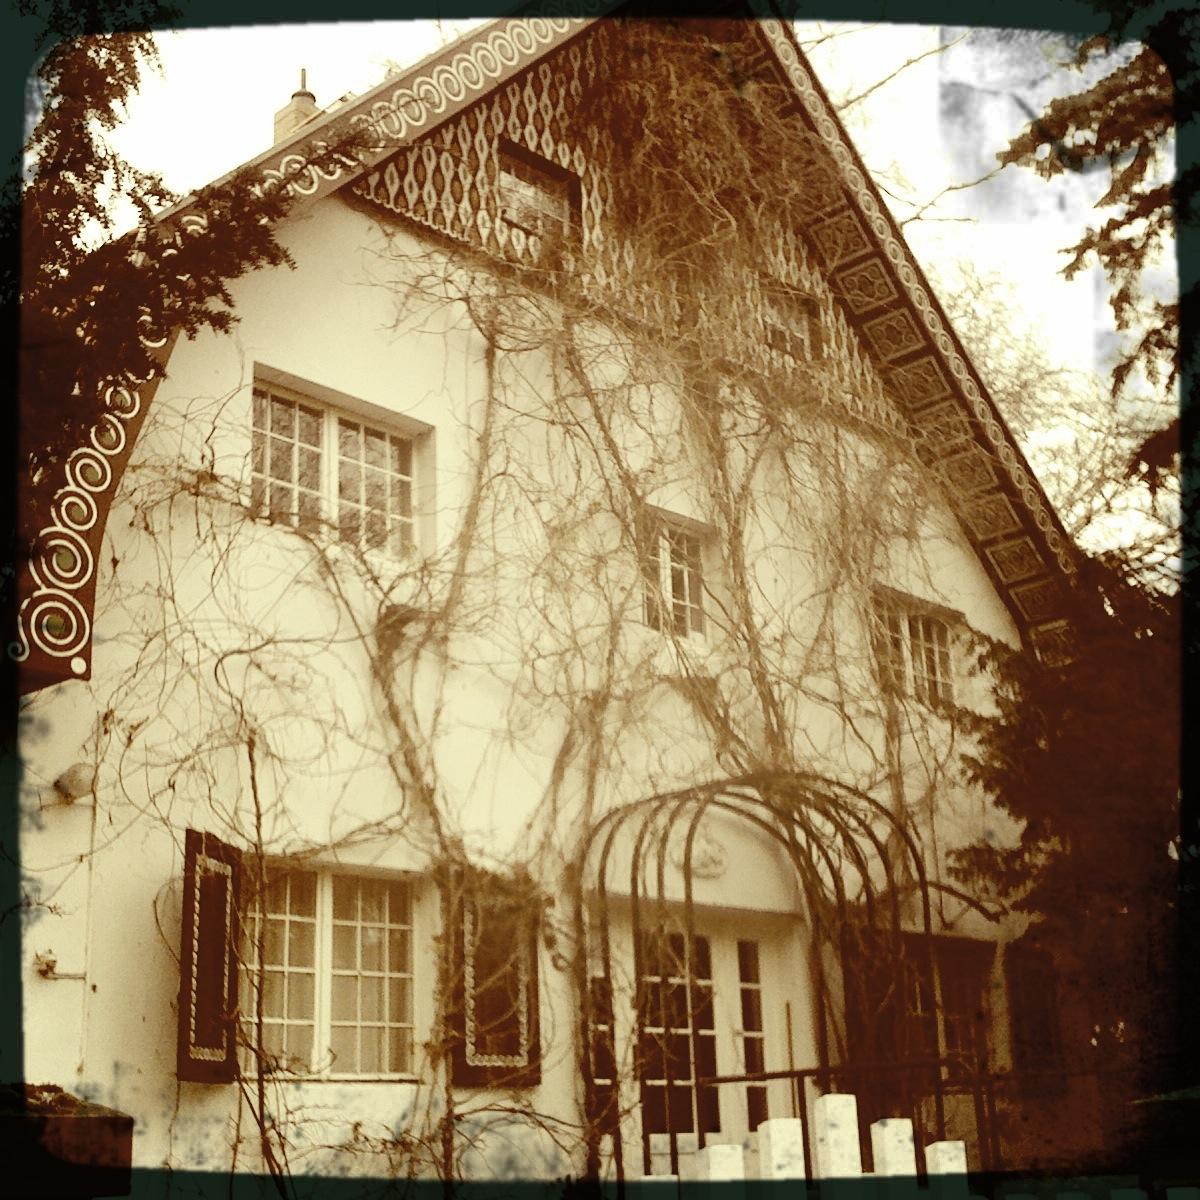 Buckow-Brecht-Weigel-Haus-Vorderansicht